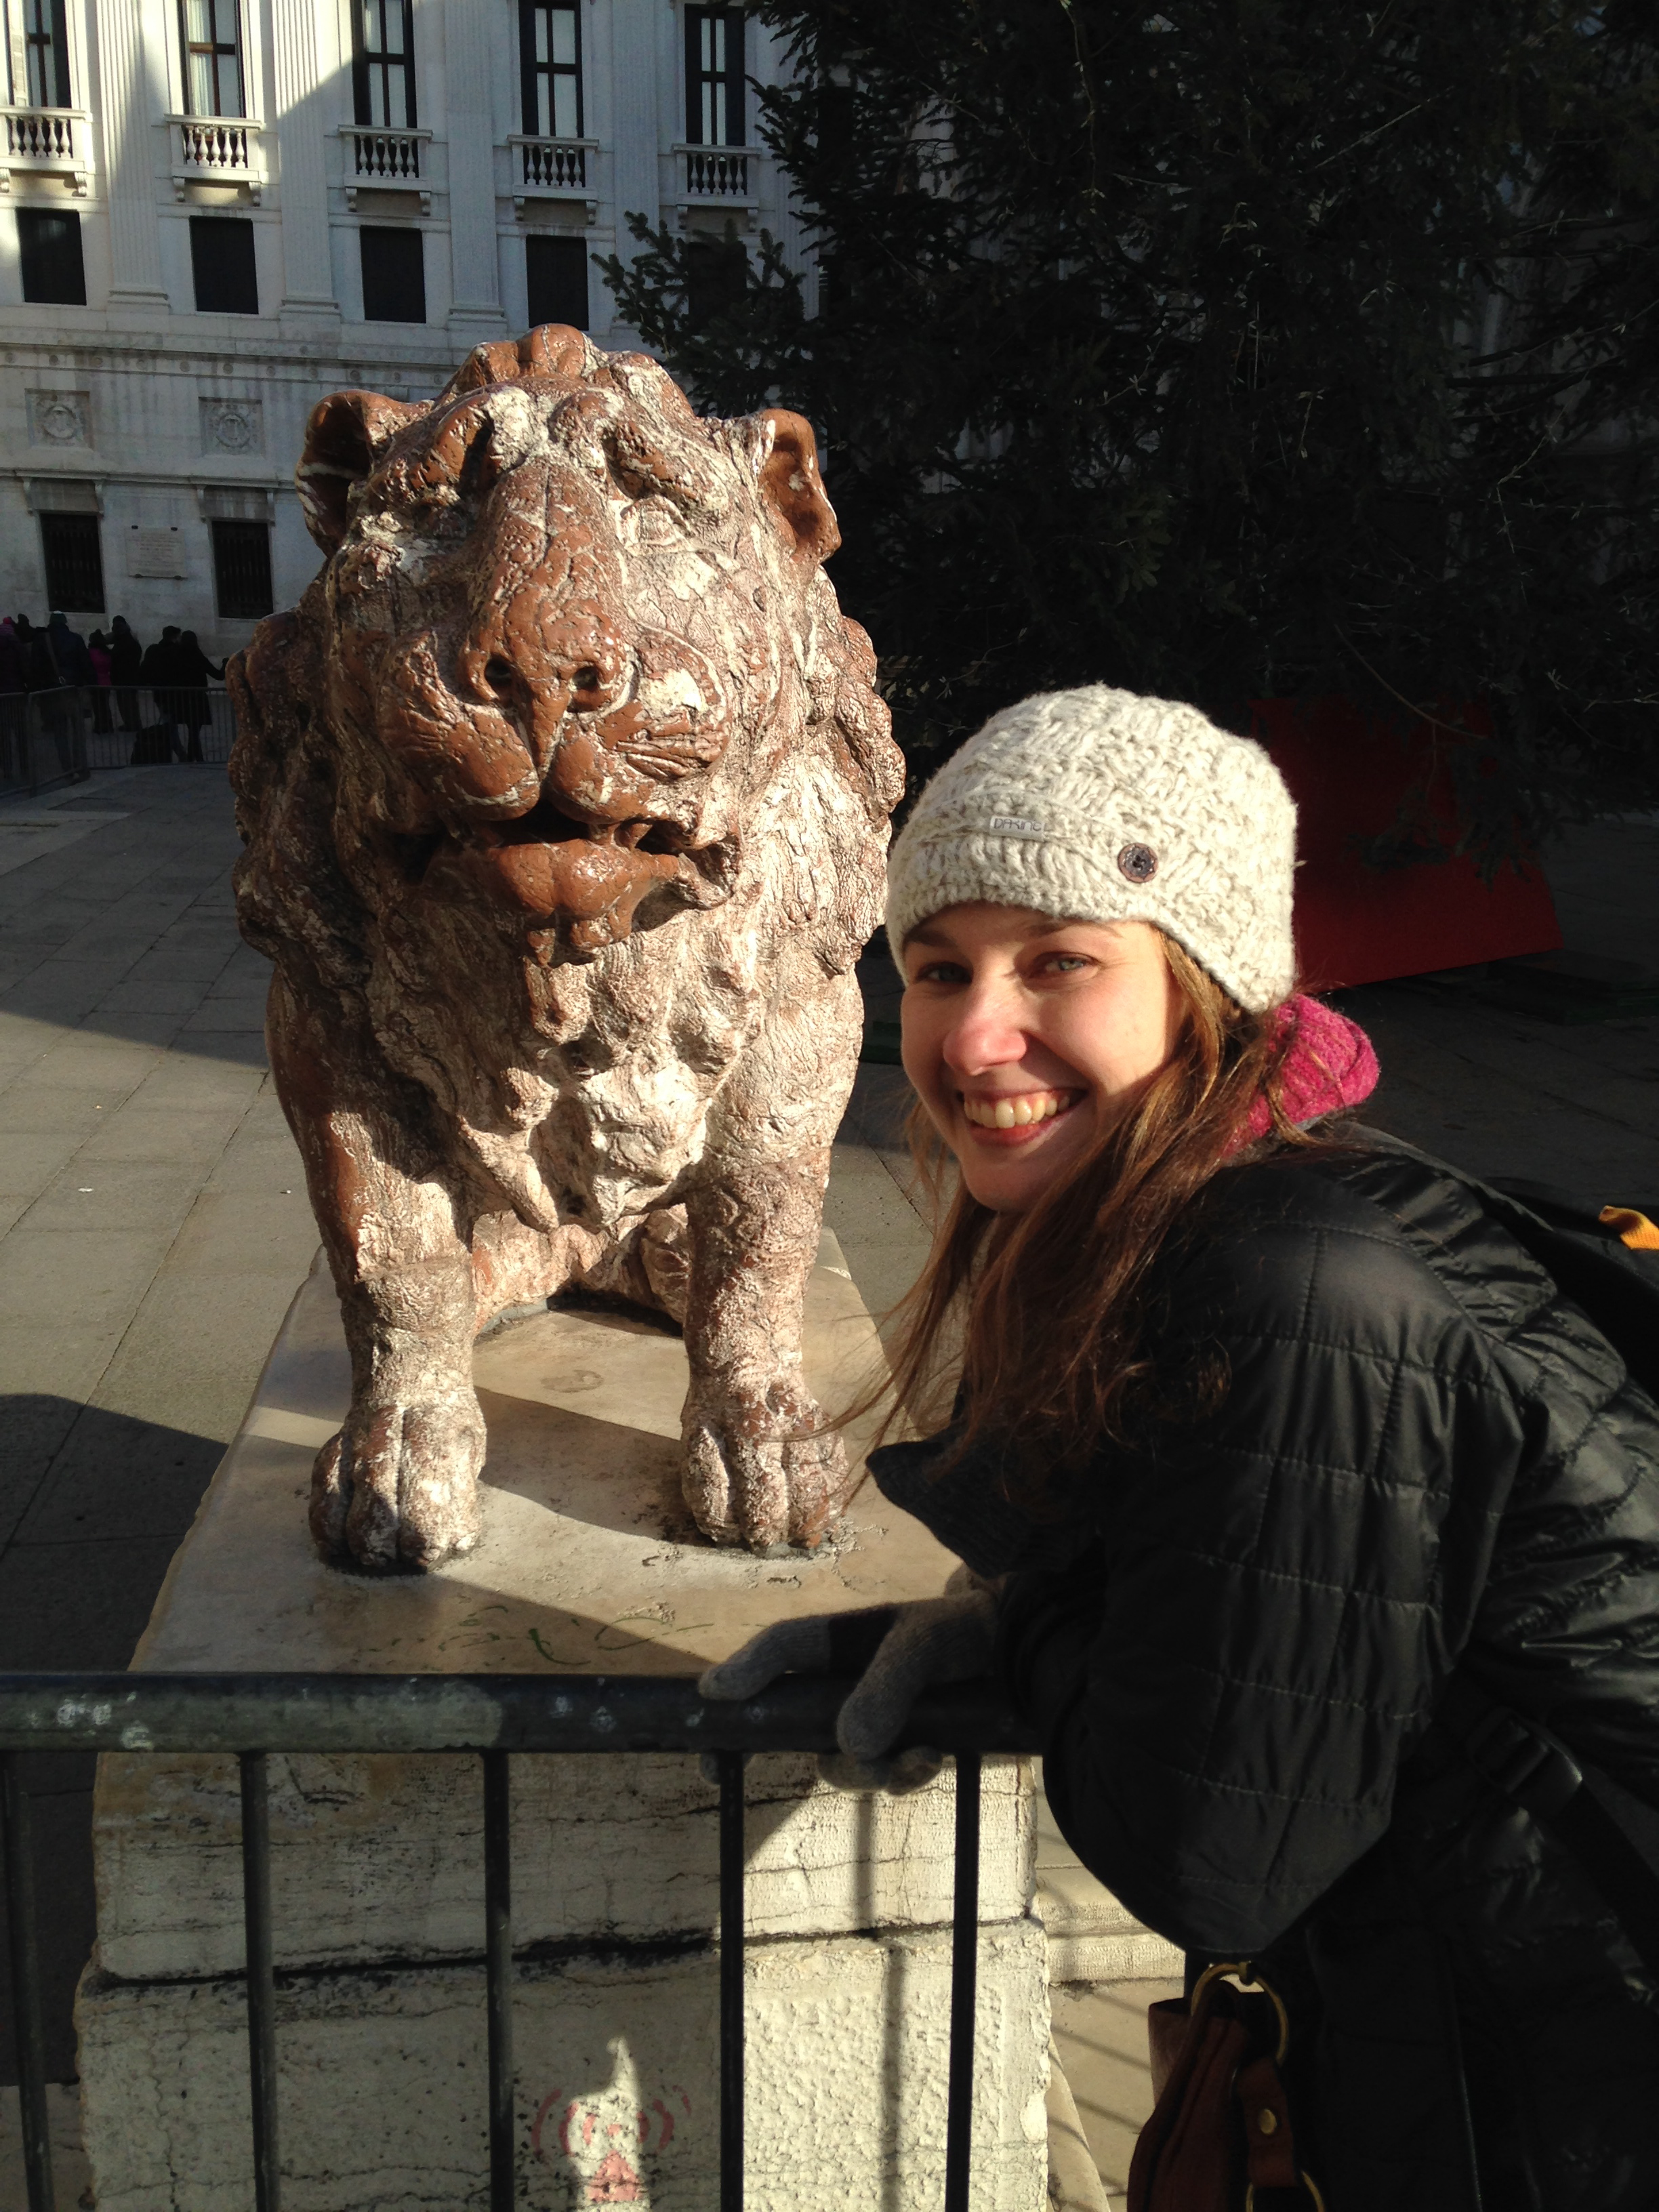 Nadine & Lion, Venice, Italy